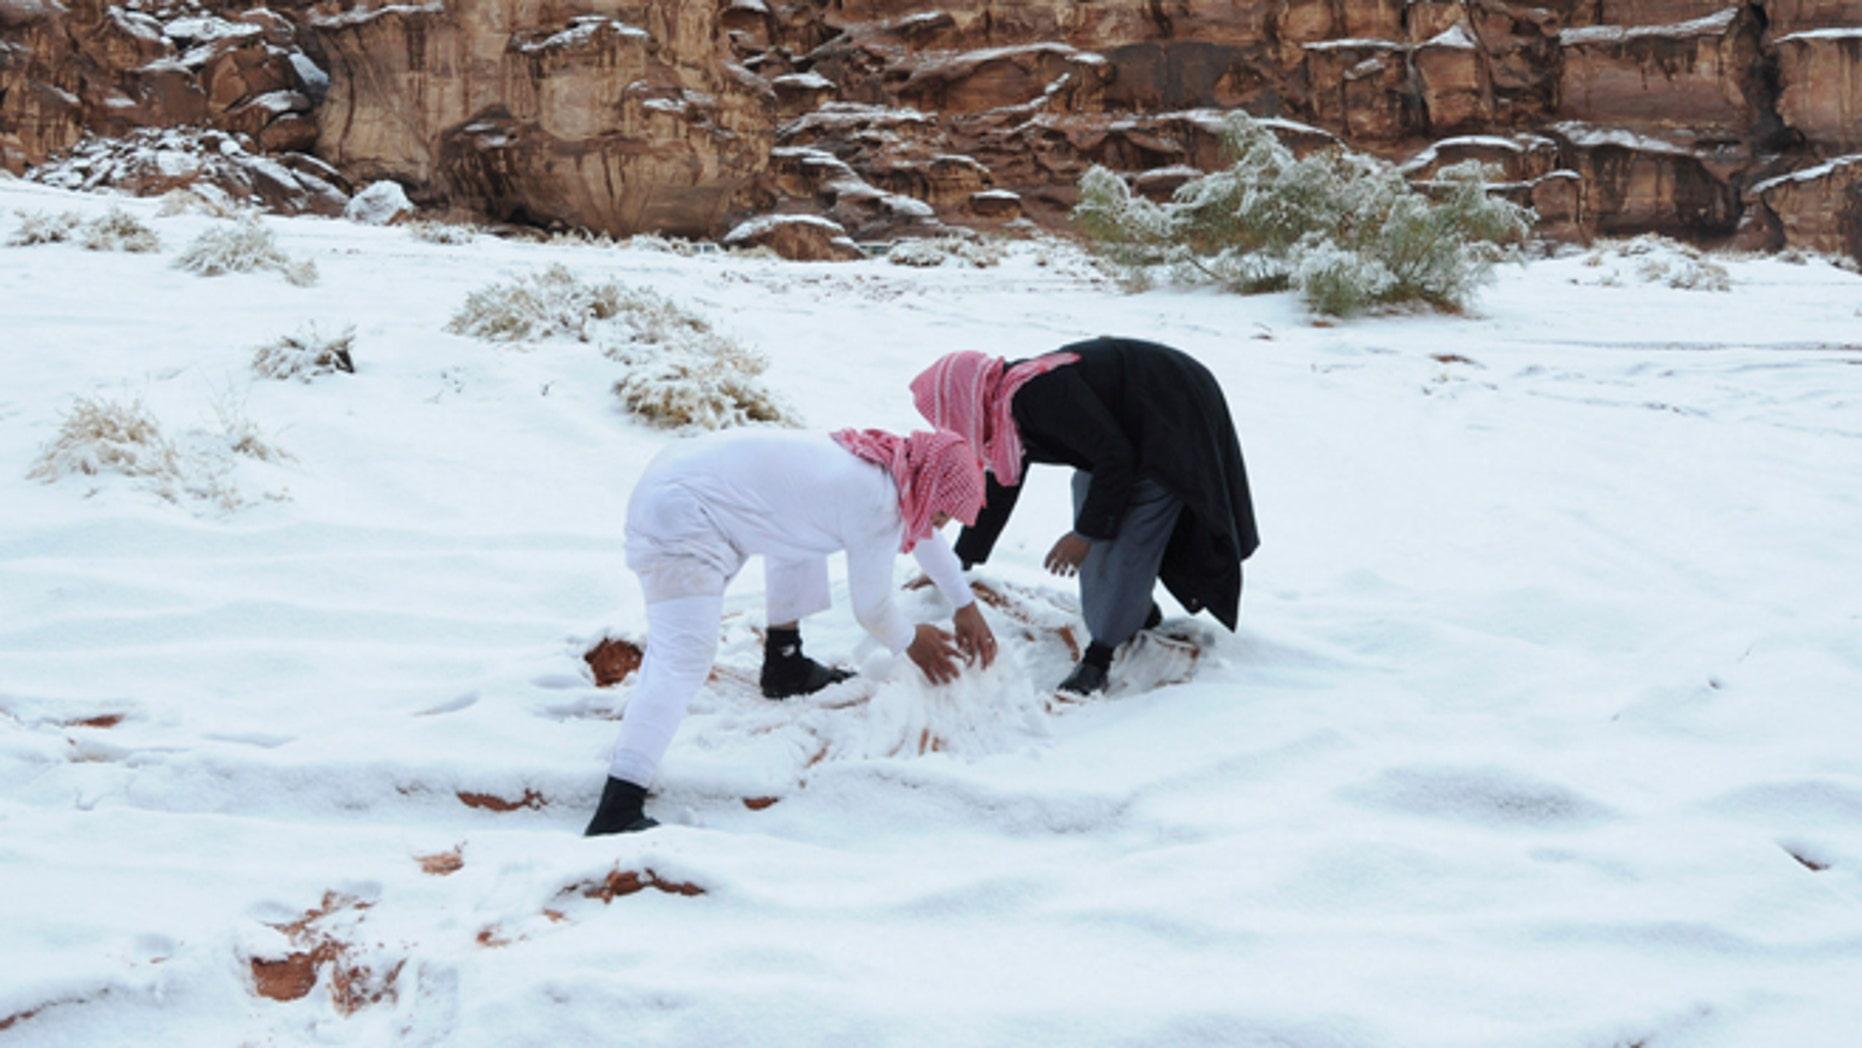 Dec. 13, 2013: Saudi men make a snowman after a snowstorm in Alkan village, west of Saudi Arabia.